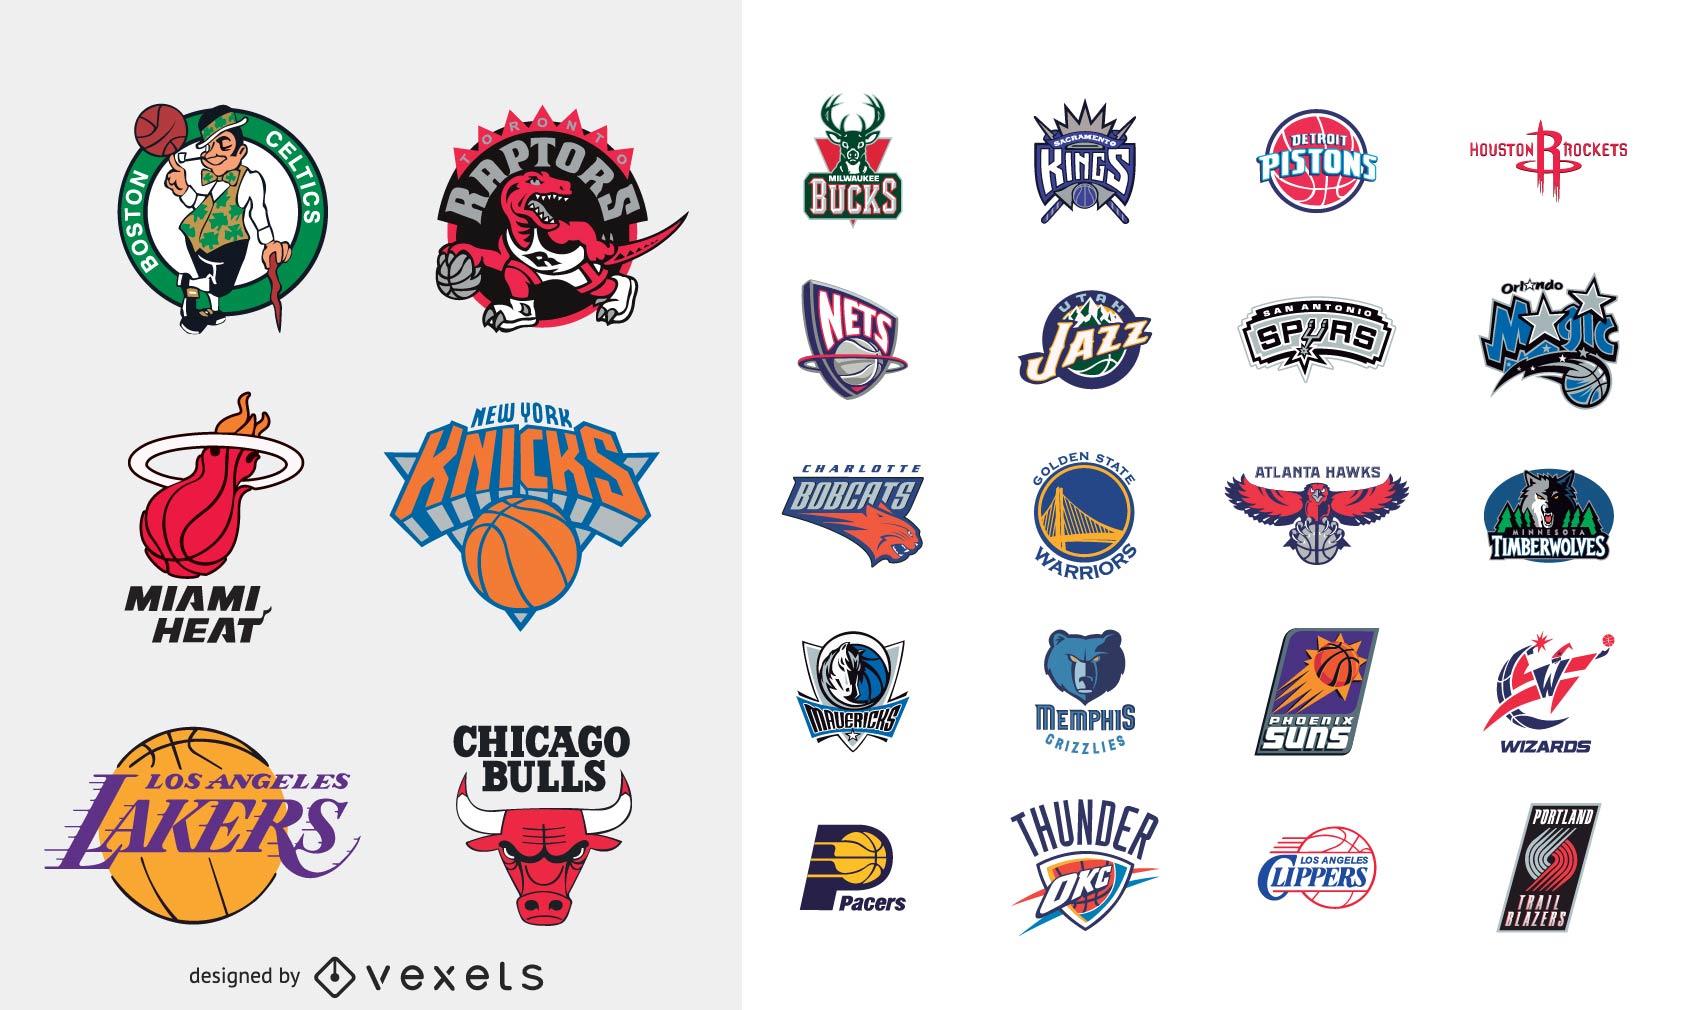 Logotipos vetoriais da equipe de basquete Nba